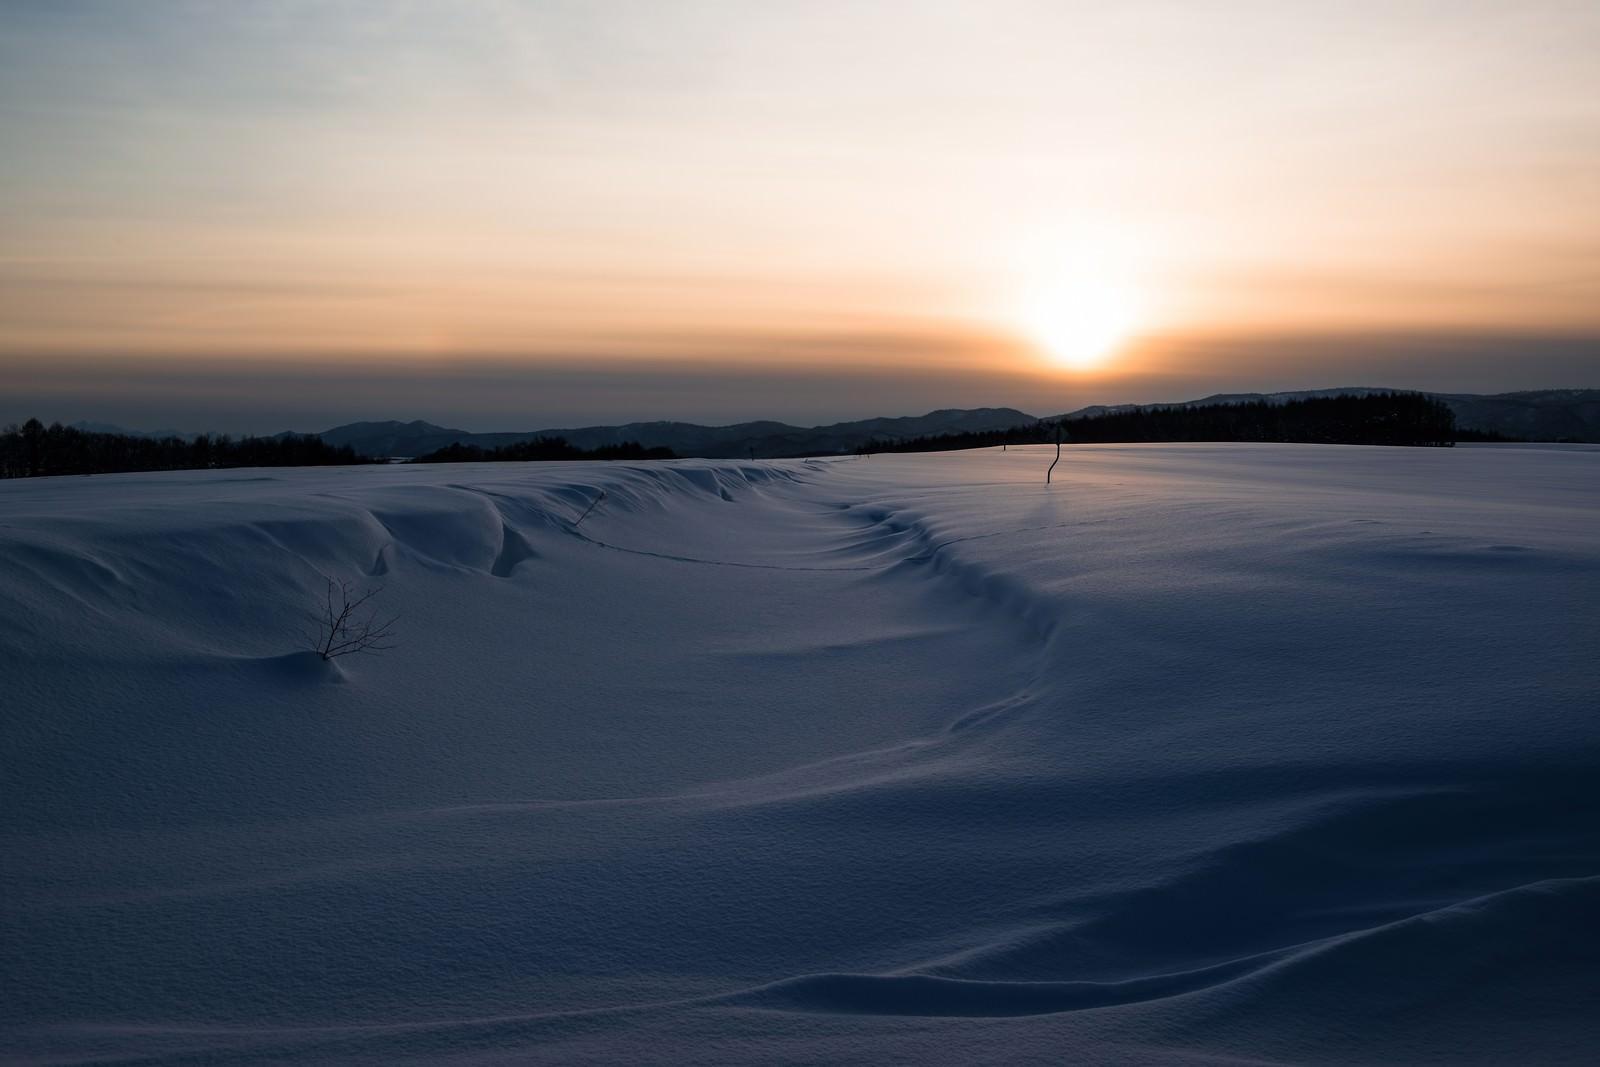 「夕焼けと雪原」の写真